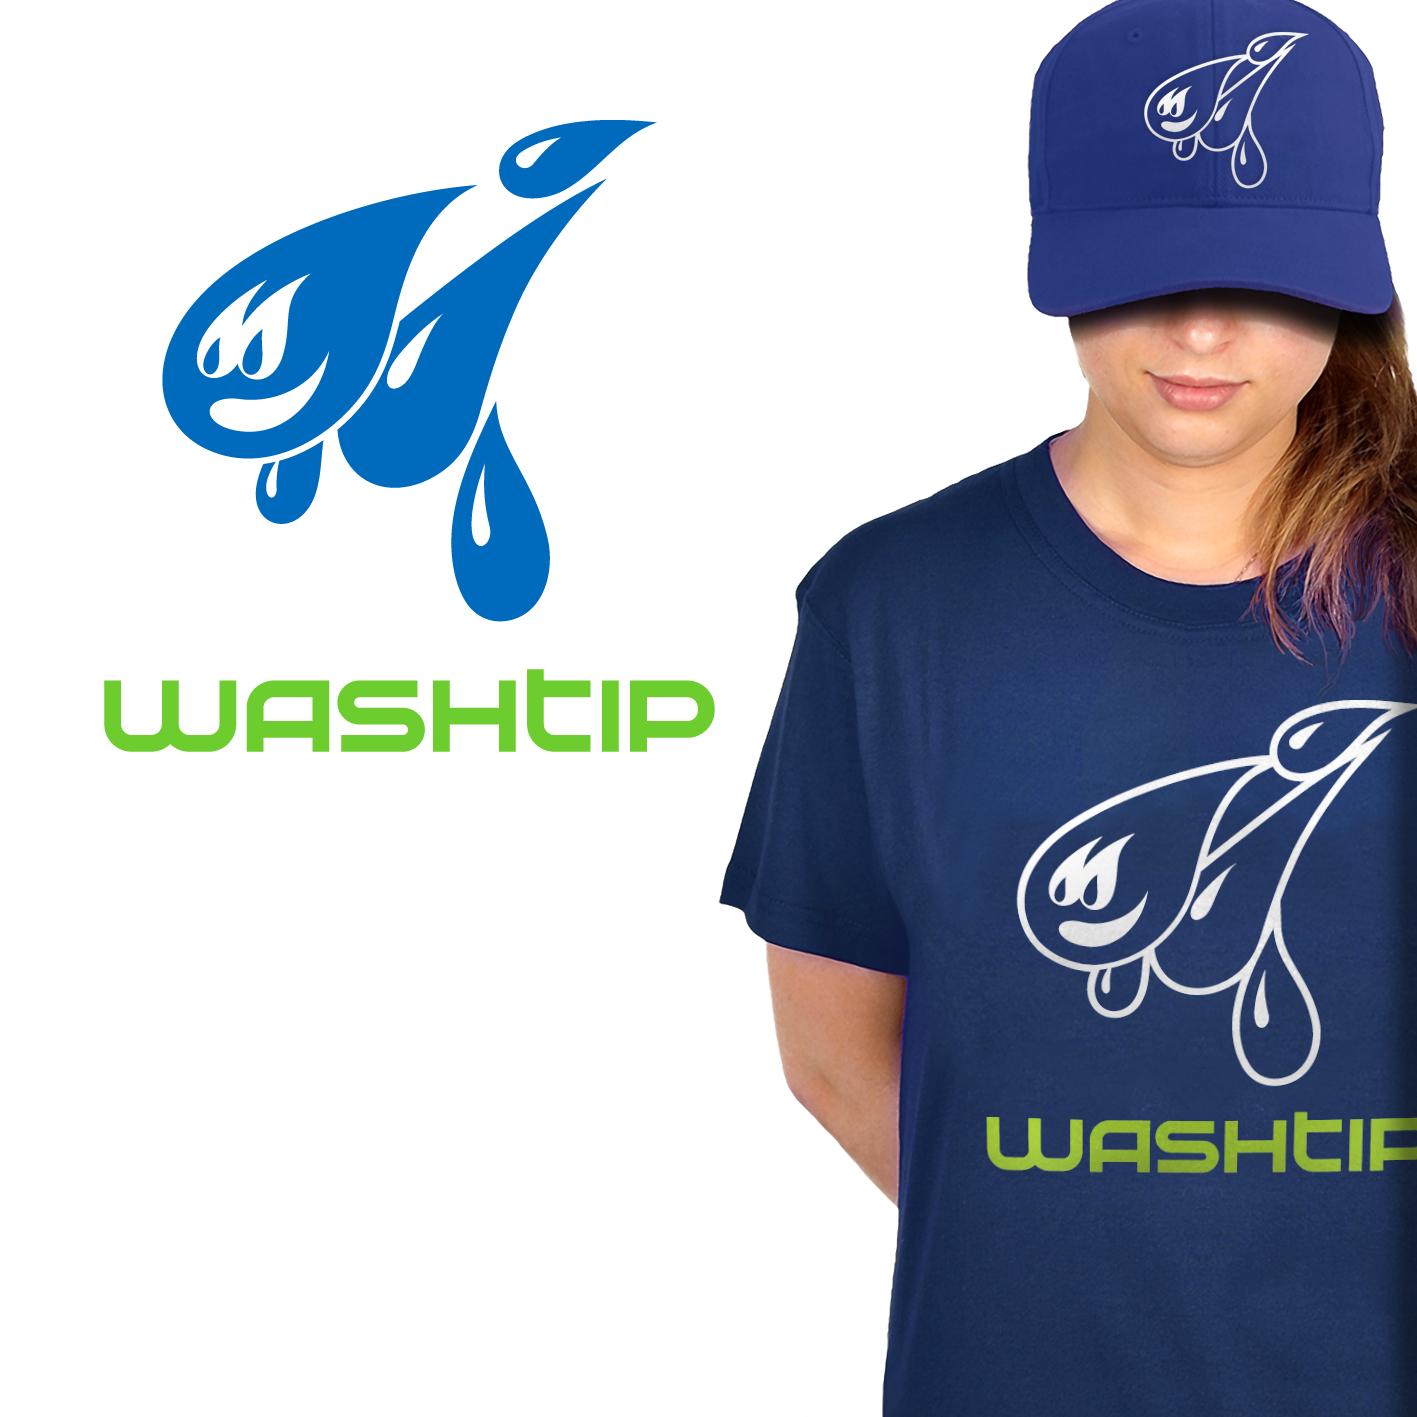 Разработка логотипа для онлайн-сервиса химчистки фото f_6105c052d4c2df4e.png